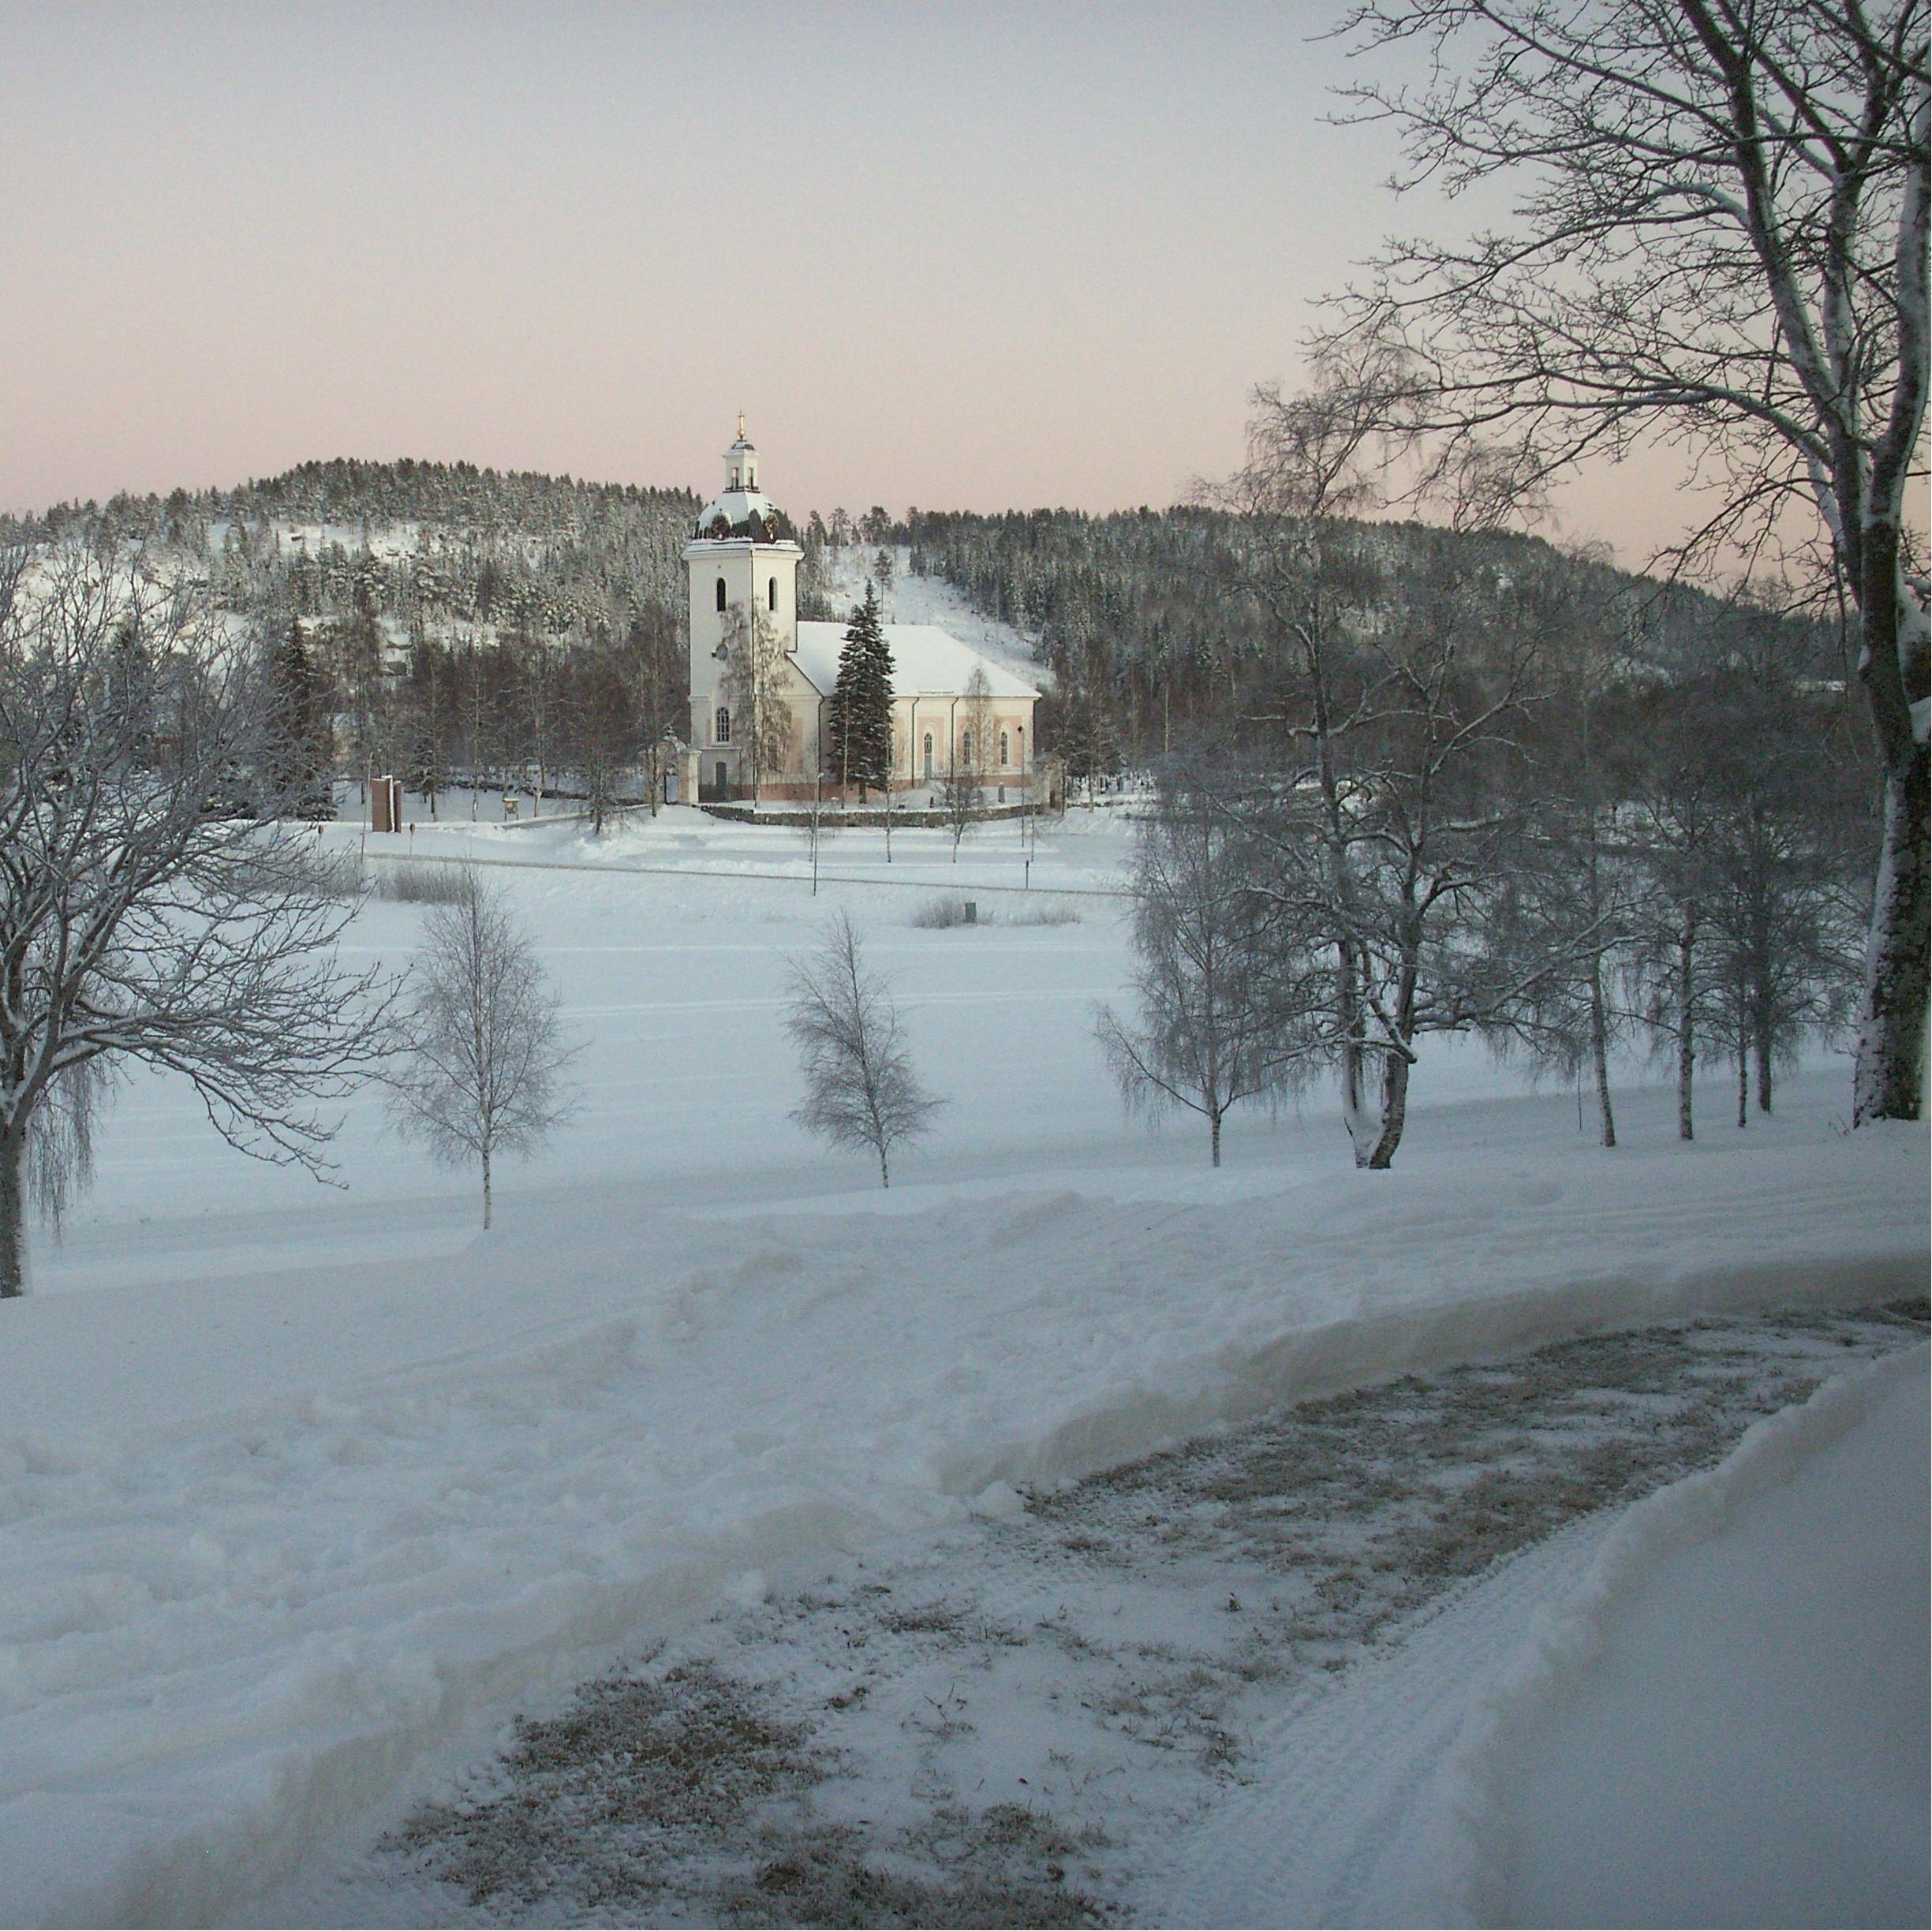 Foto: Arnäs församling, Arnäs kyrka